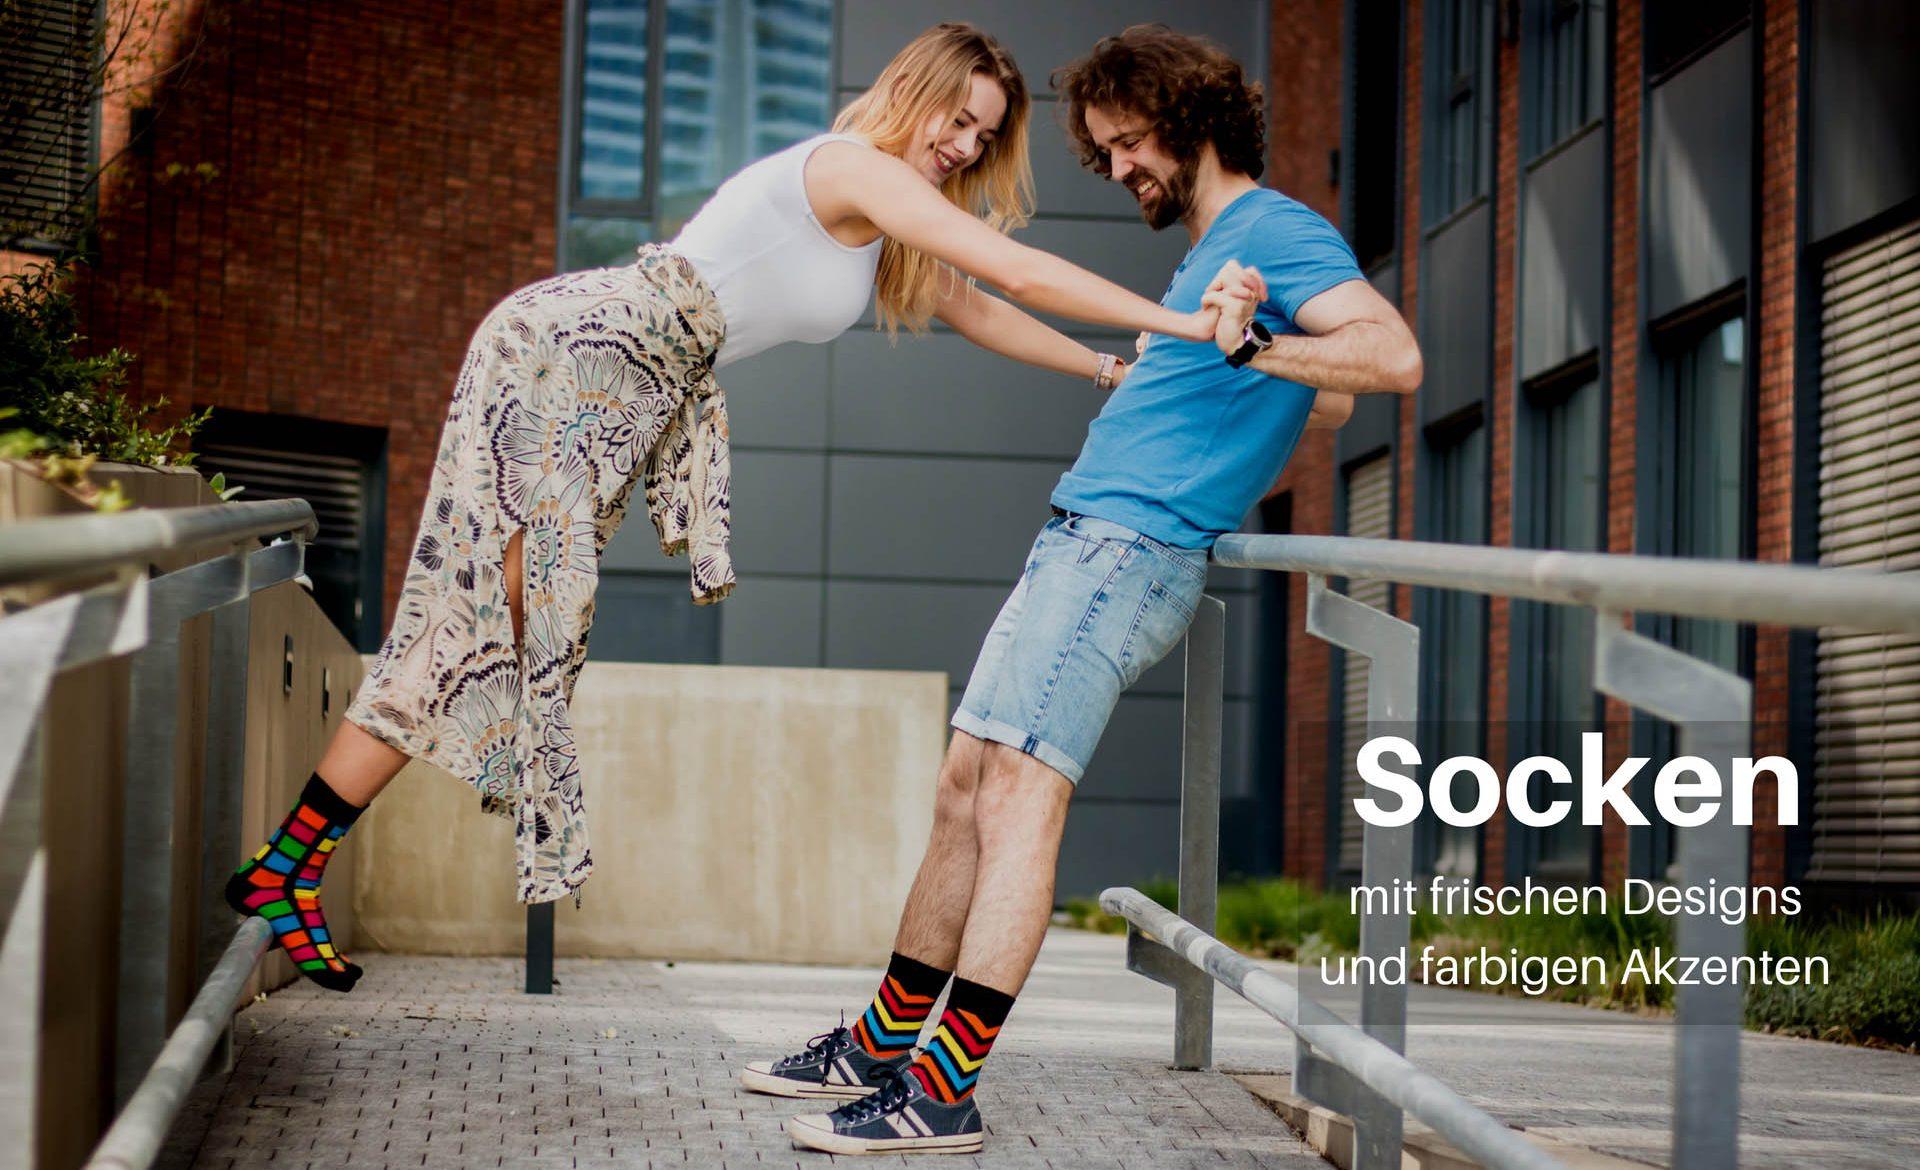 Socken mit frischen Designs und farbigen Akzenten in Stadt